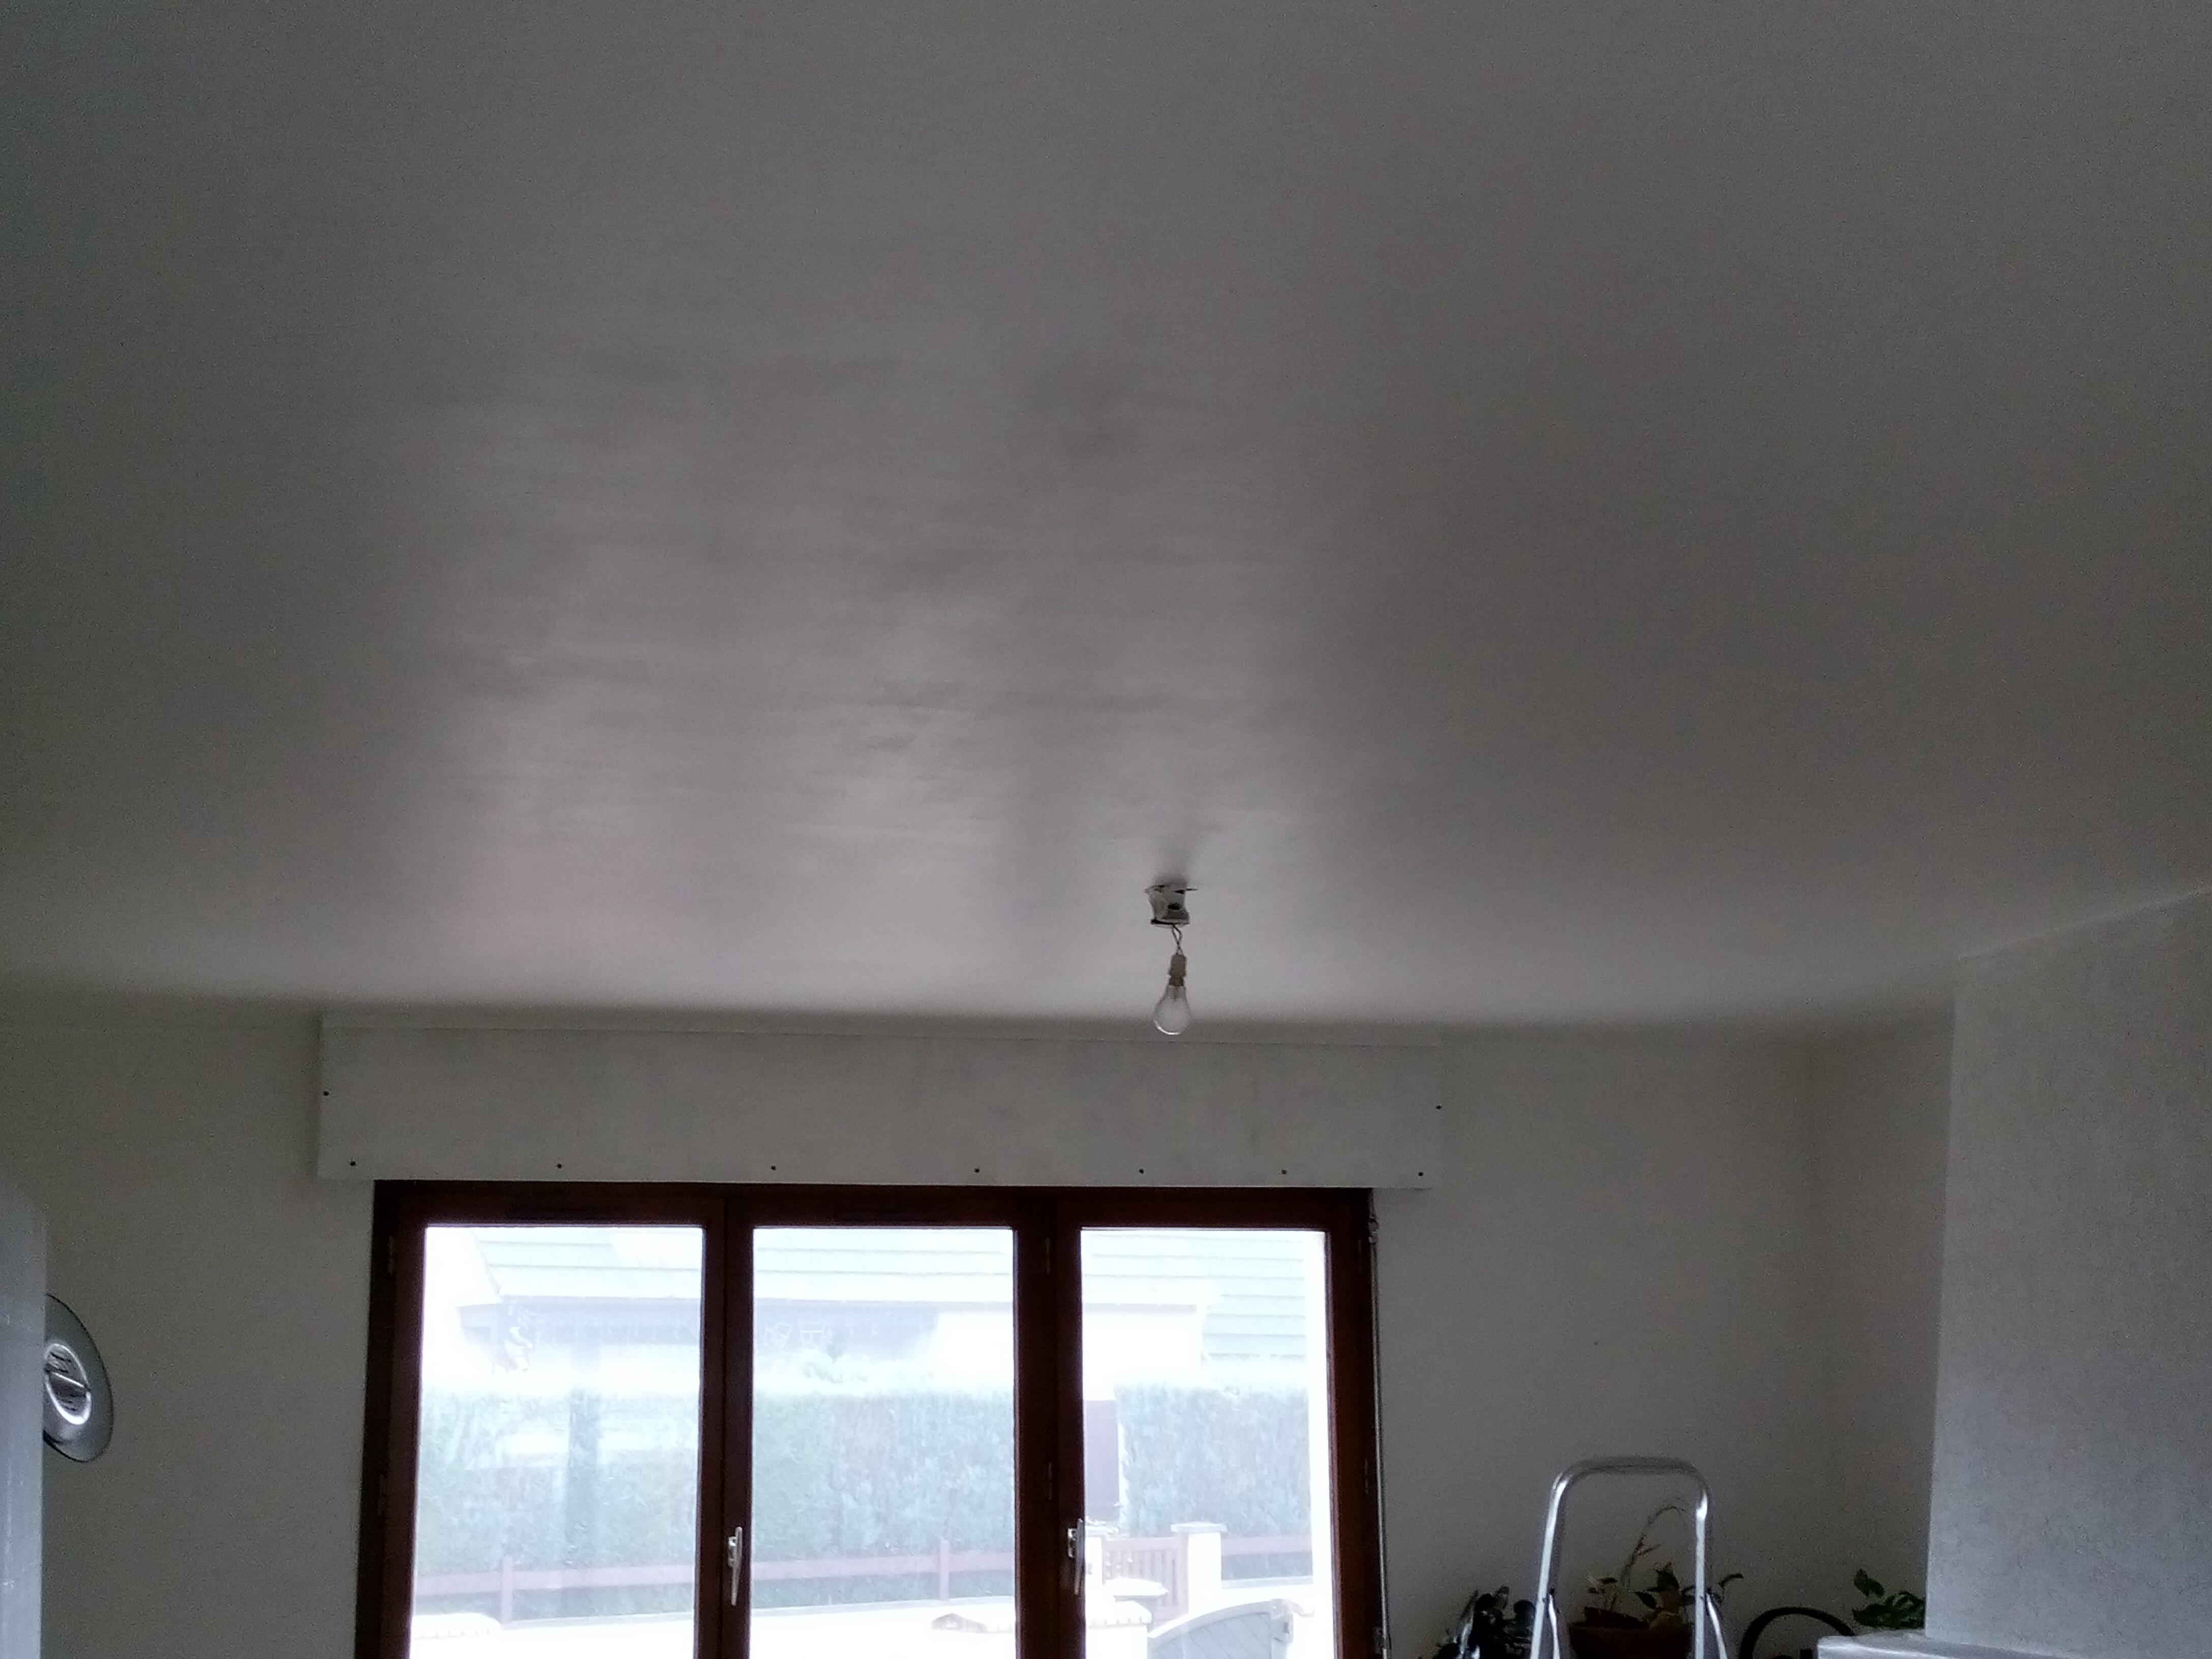 Gros probl me de peinture plafond 35m2 53 messages for Peinture plafond